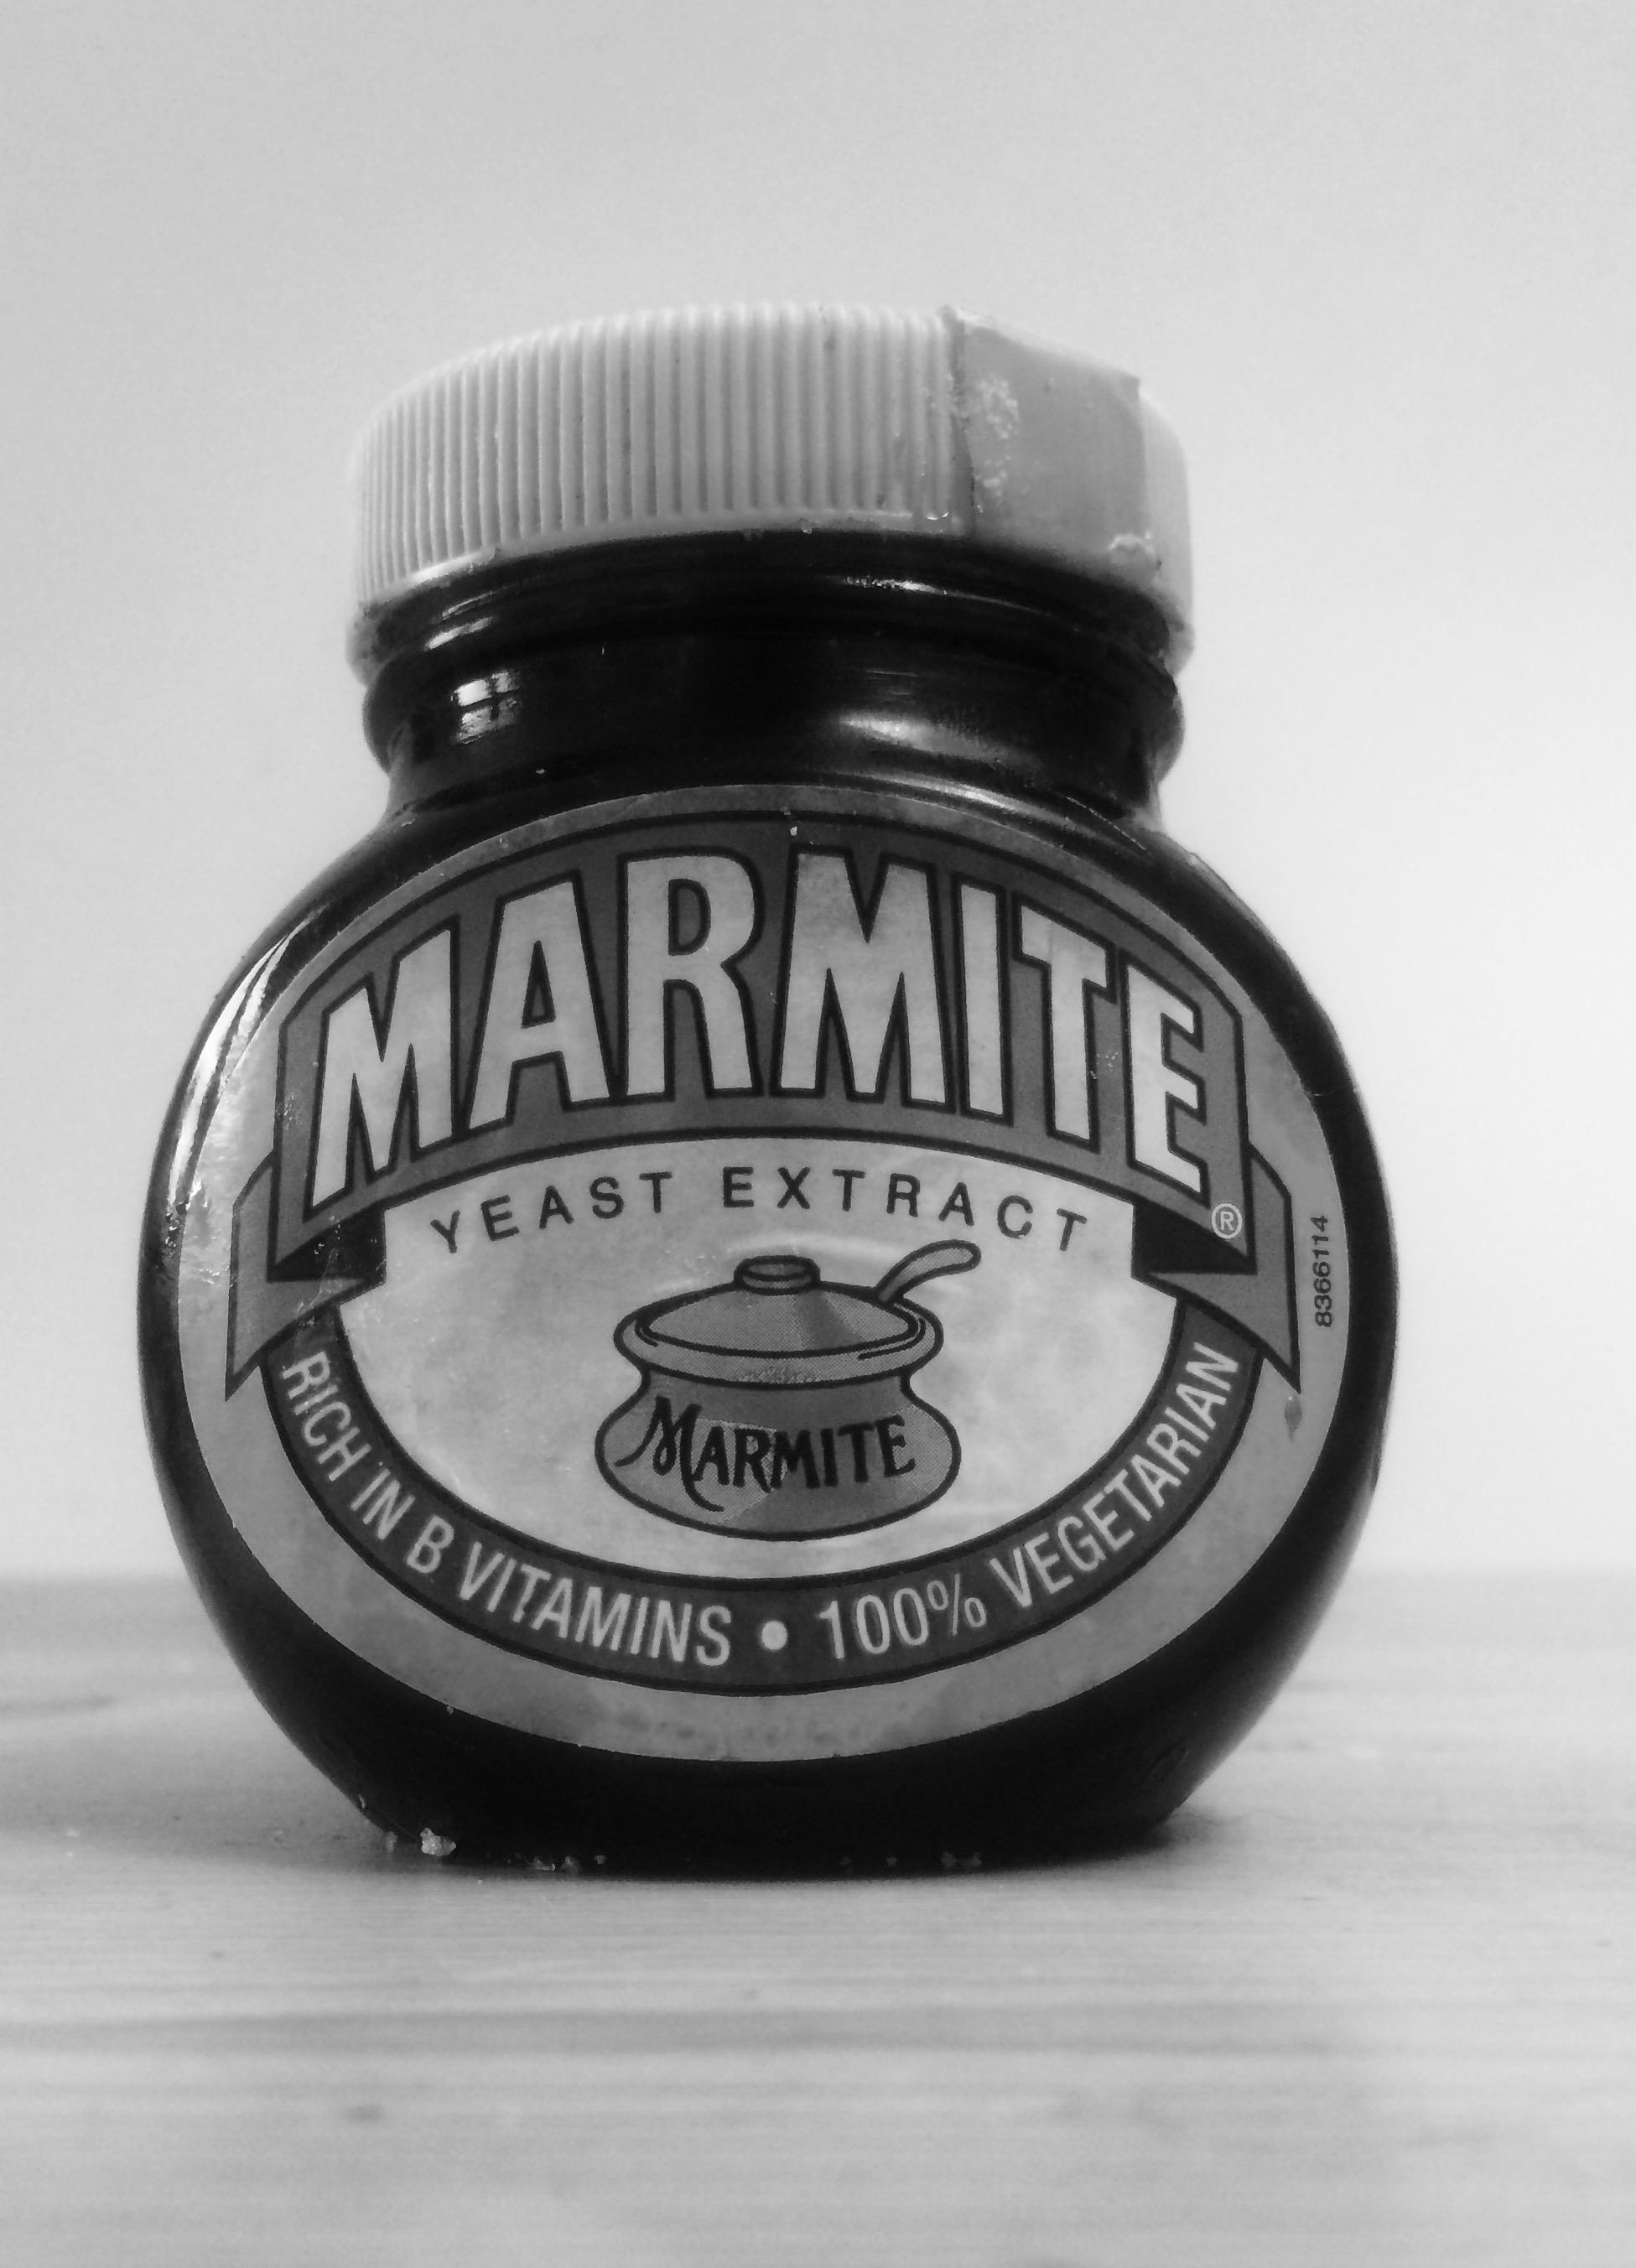 marmite jar, marmite